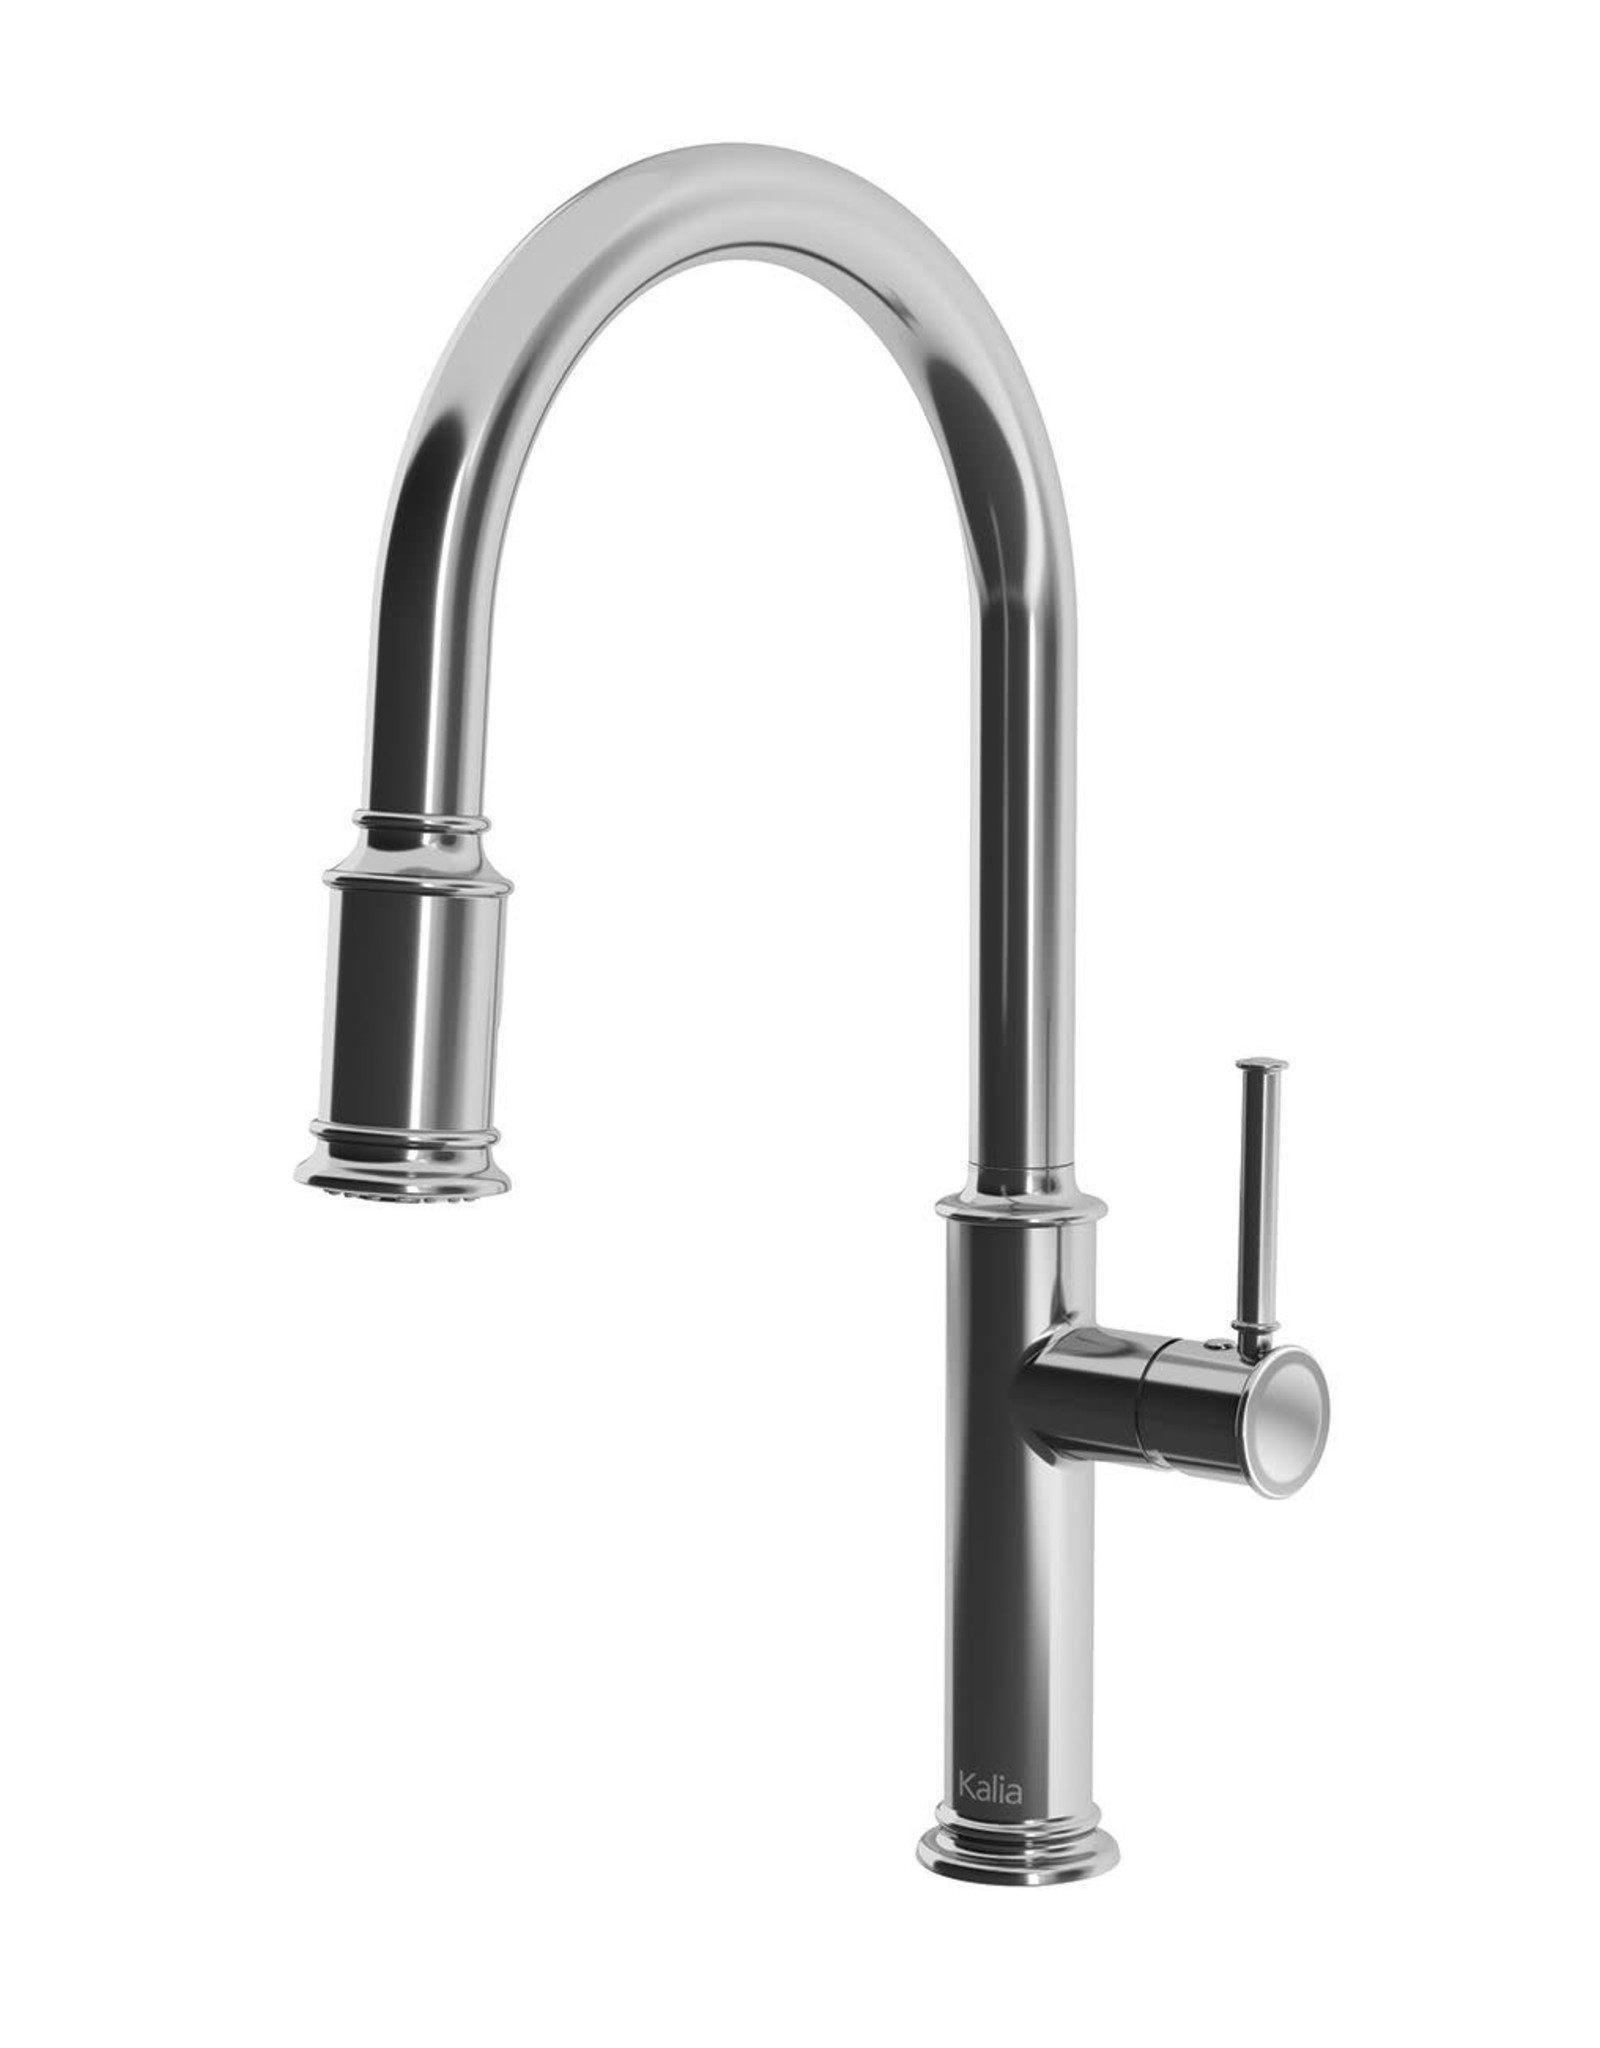 Kalia Kalia Okasion Pull Down Kitchen Faucet